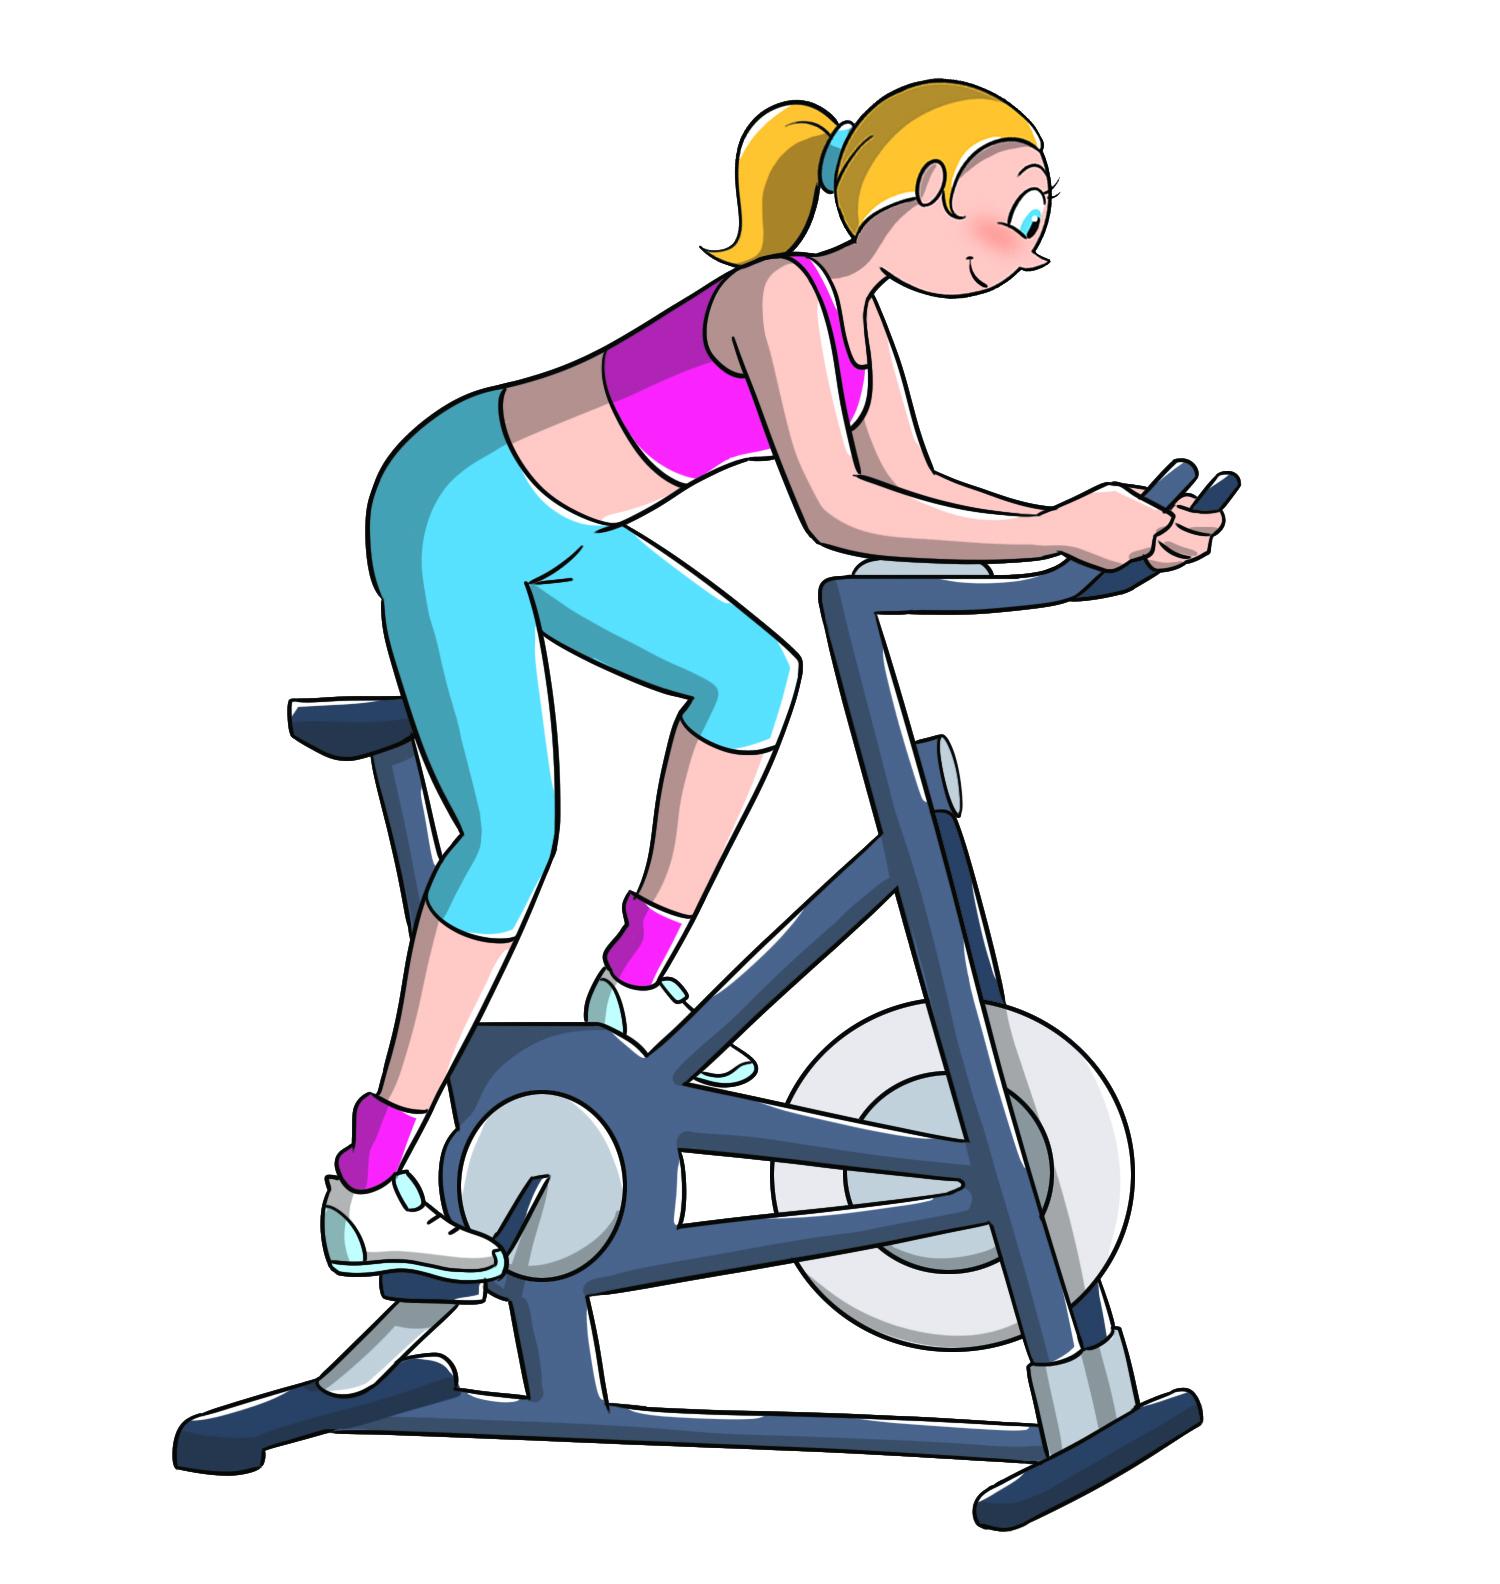 circolazione sanguigna; fare cyclette per migliorarla